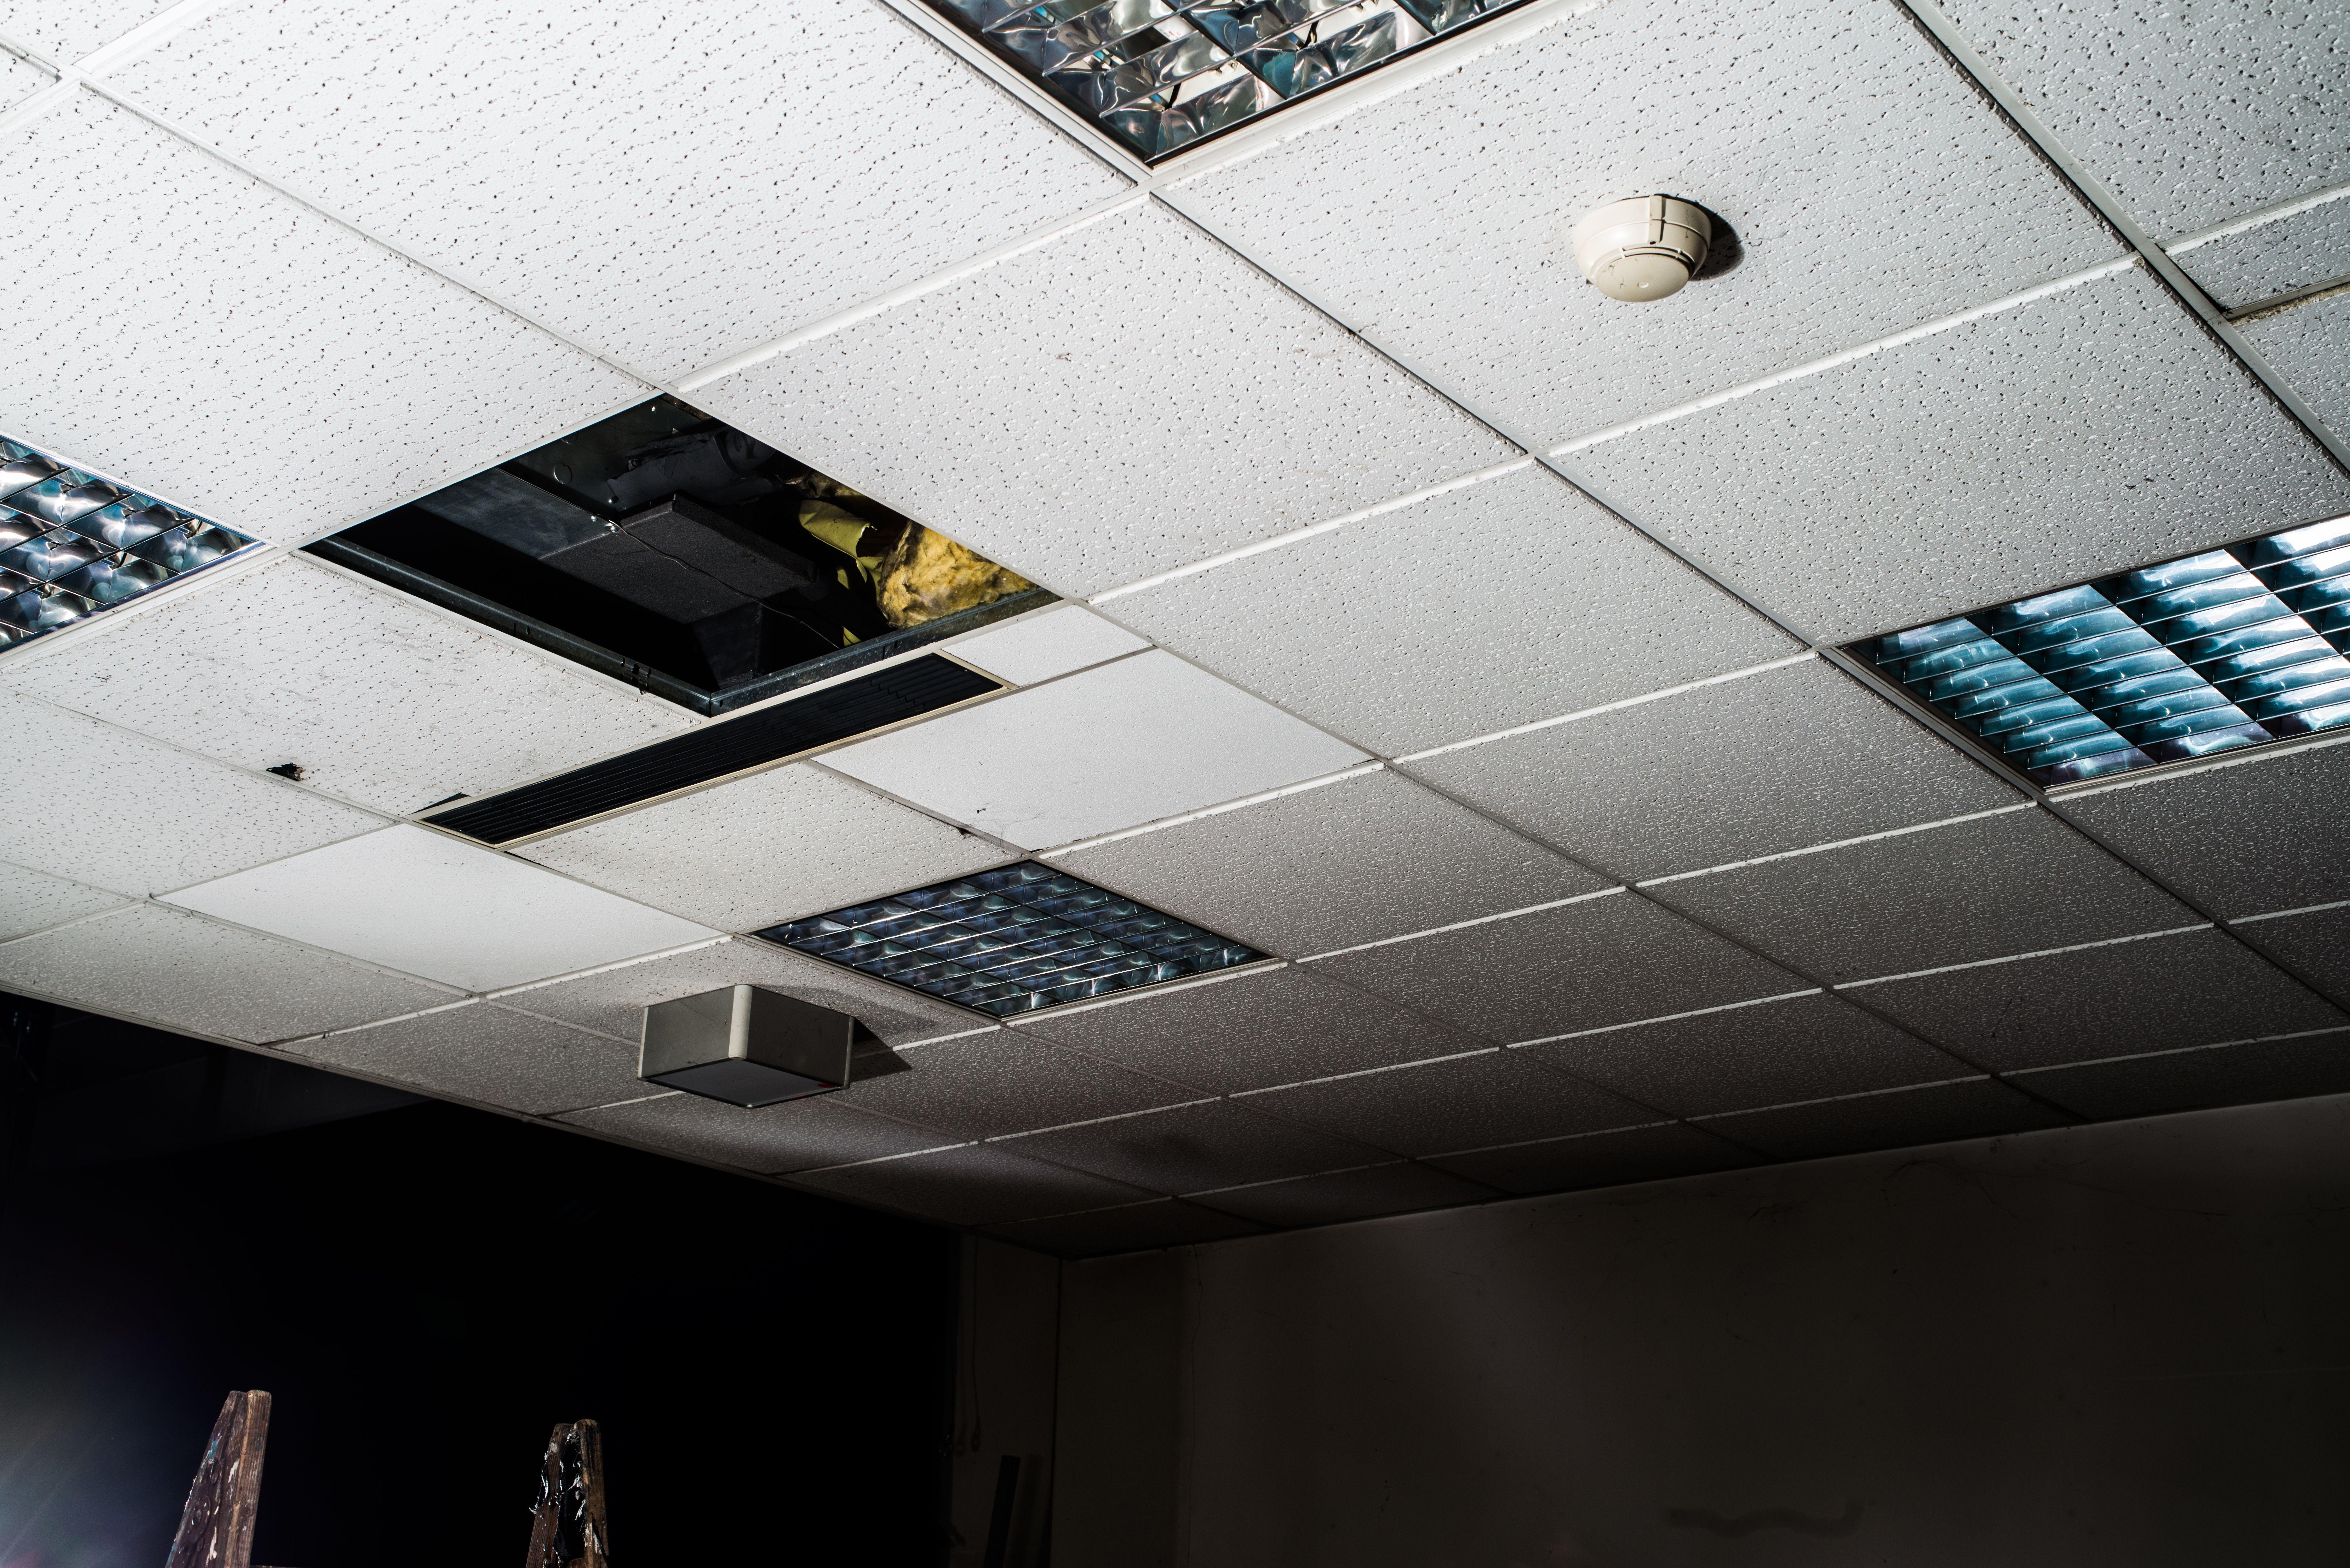 Falsos techos y trasdosados con pladur: Servicios de Rehabilitaciones Integrales JB